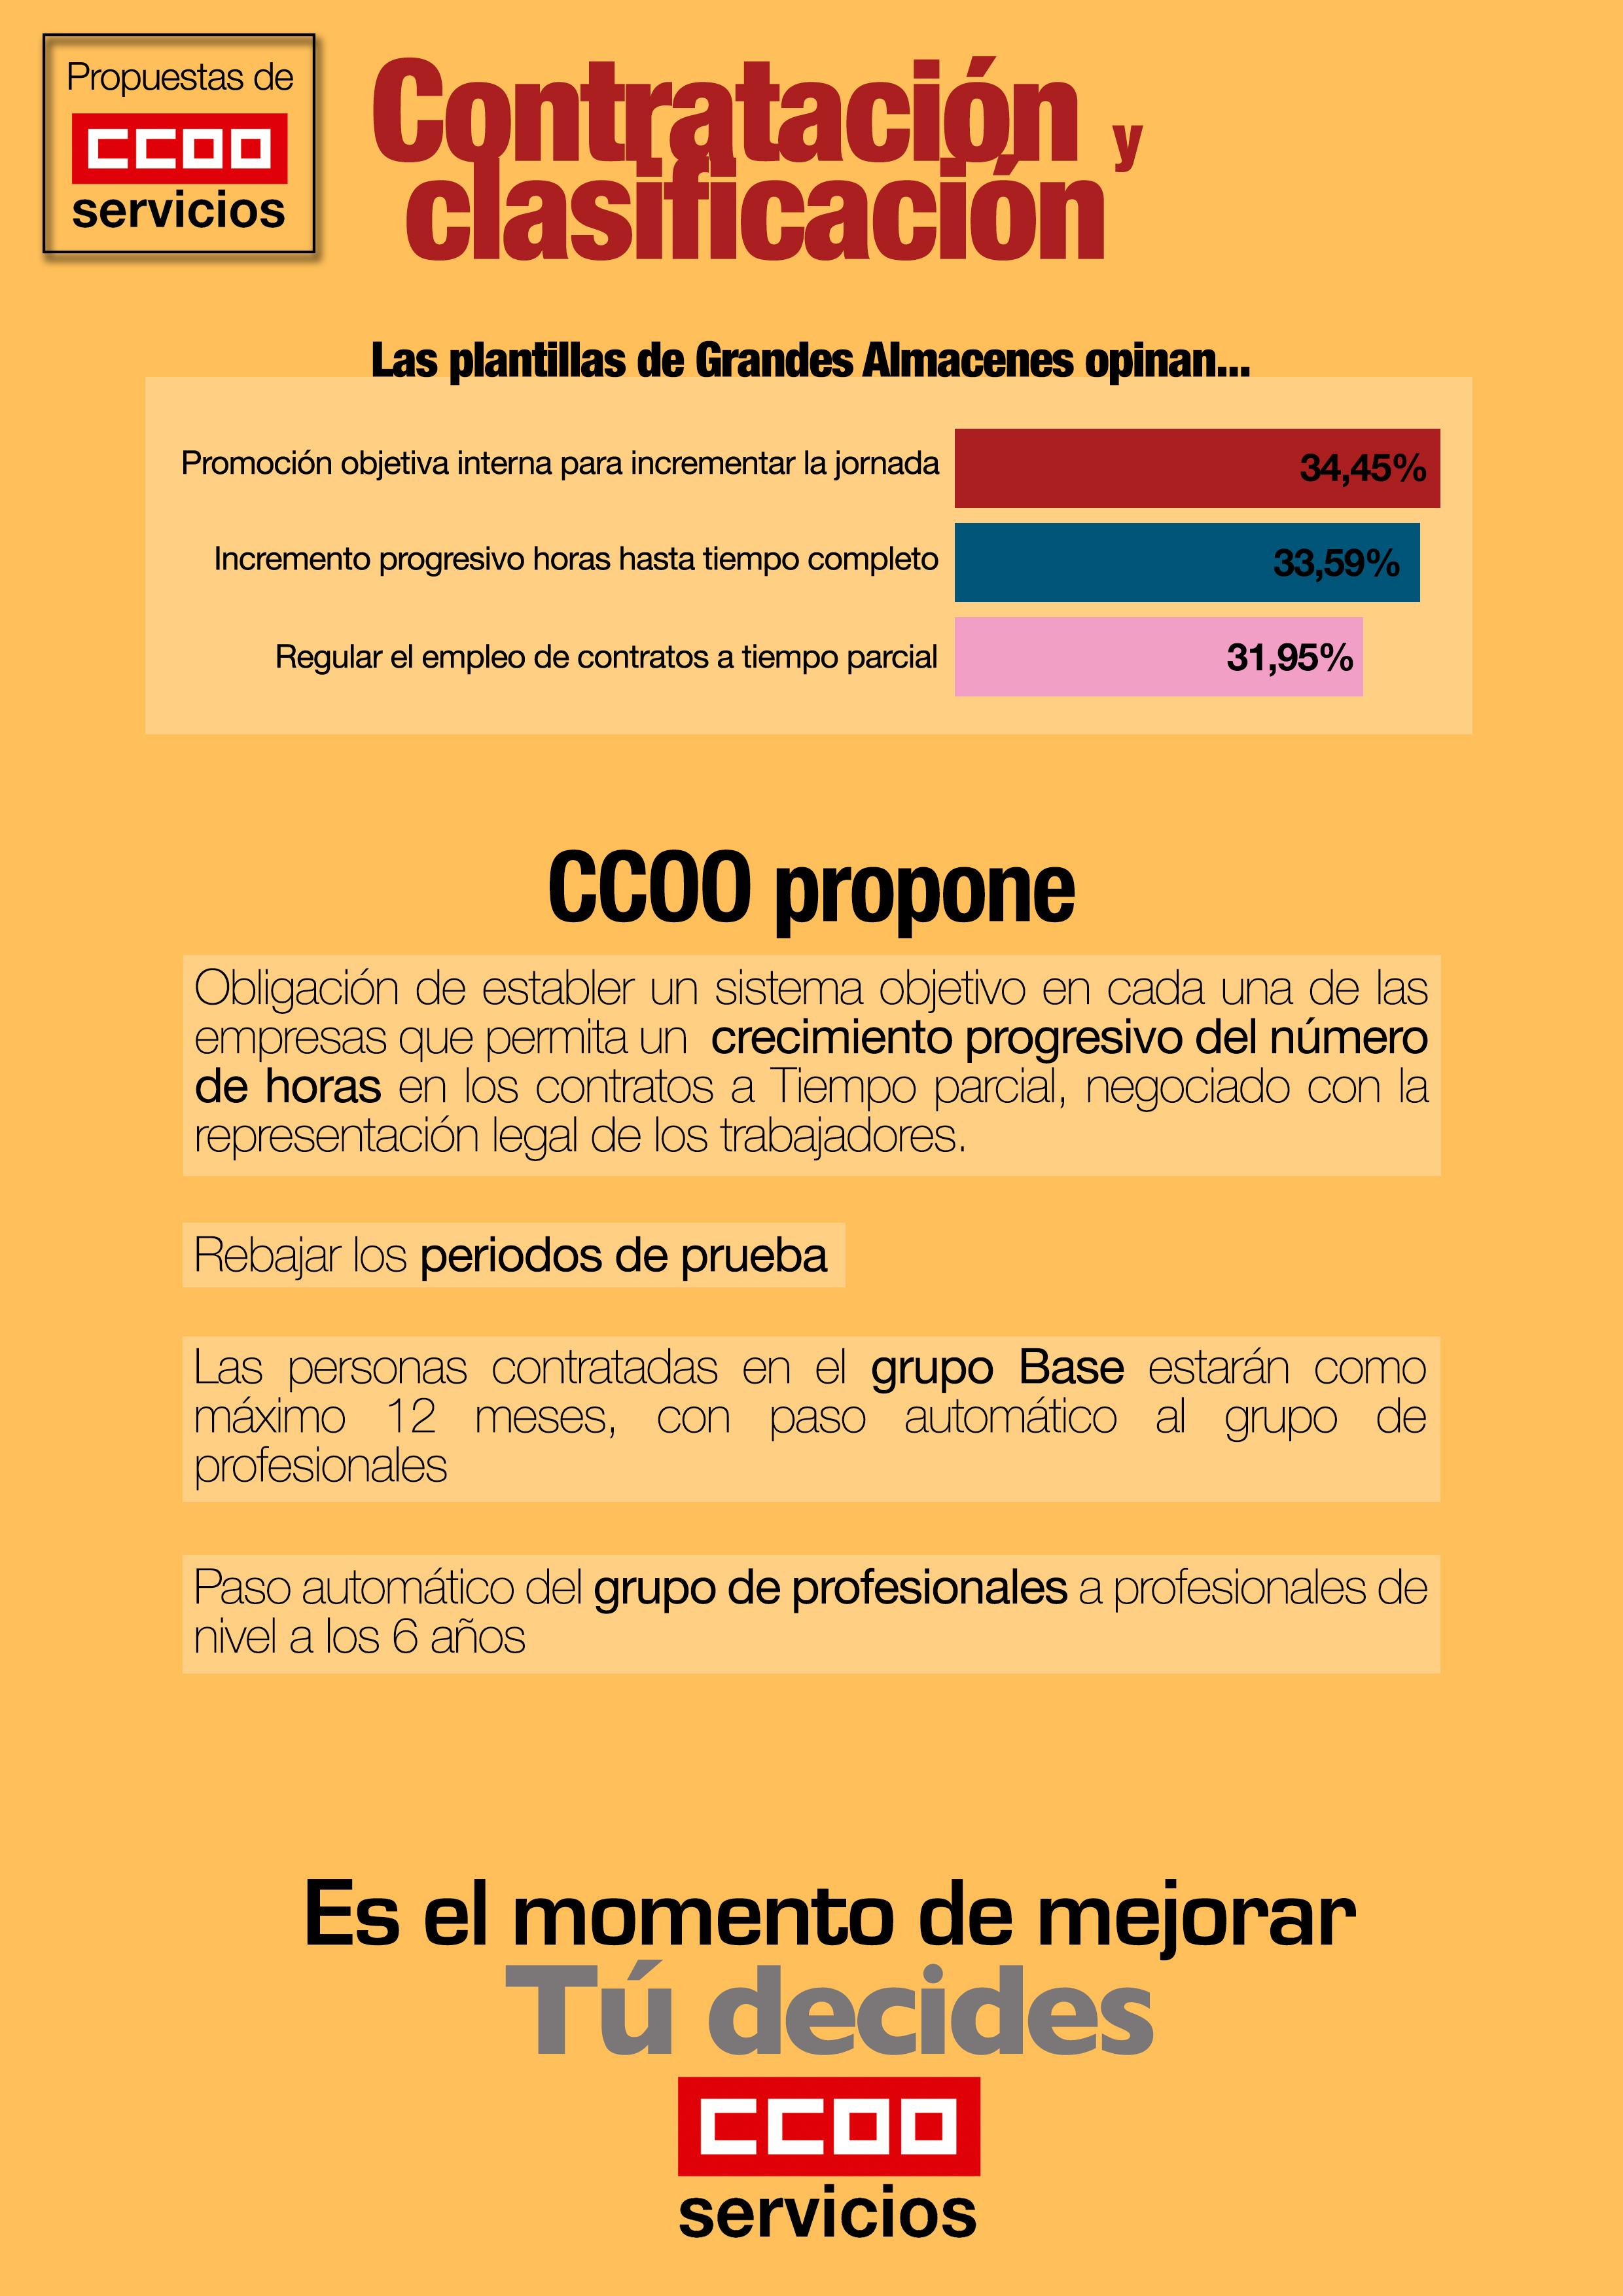 infografia La opinión de las plantillas 3